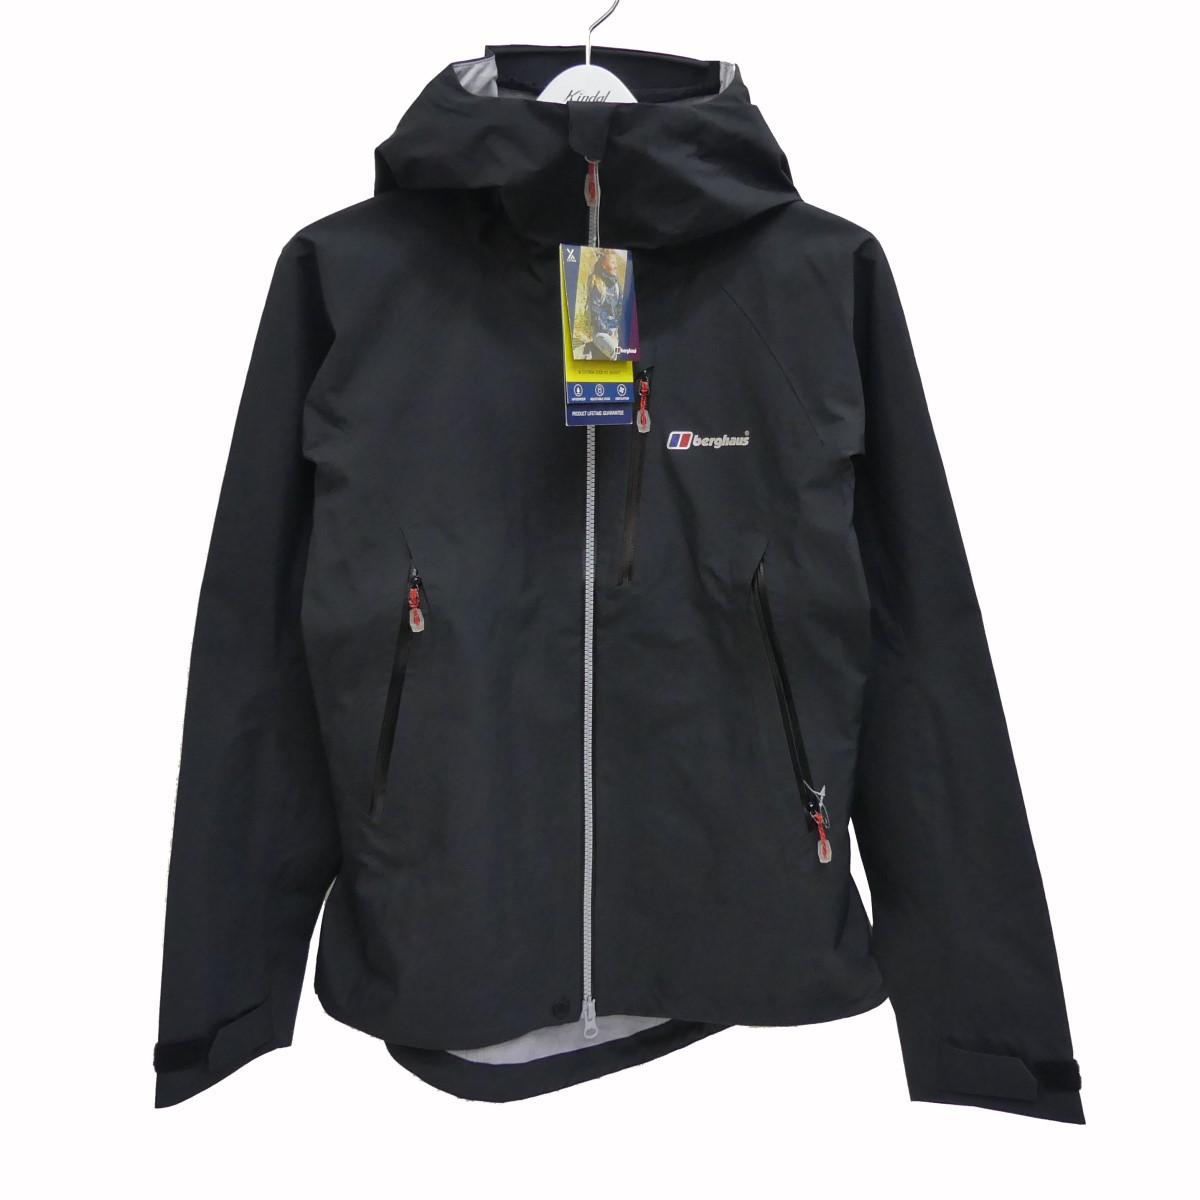 【中古】Berghaus EXTREME 5000PZ マウンテンパーカー ブラック サイズ:M 【160620】(バーグファベル)